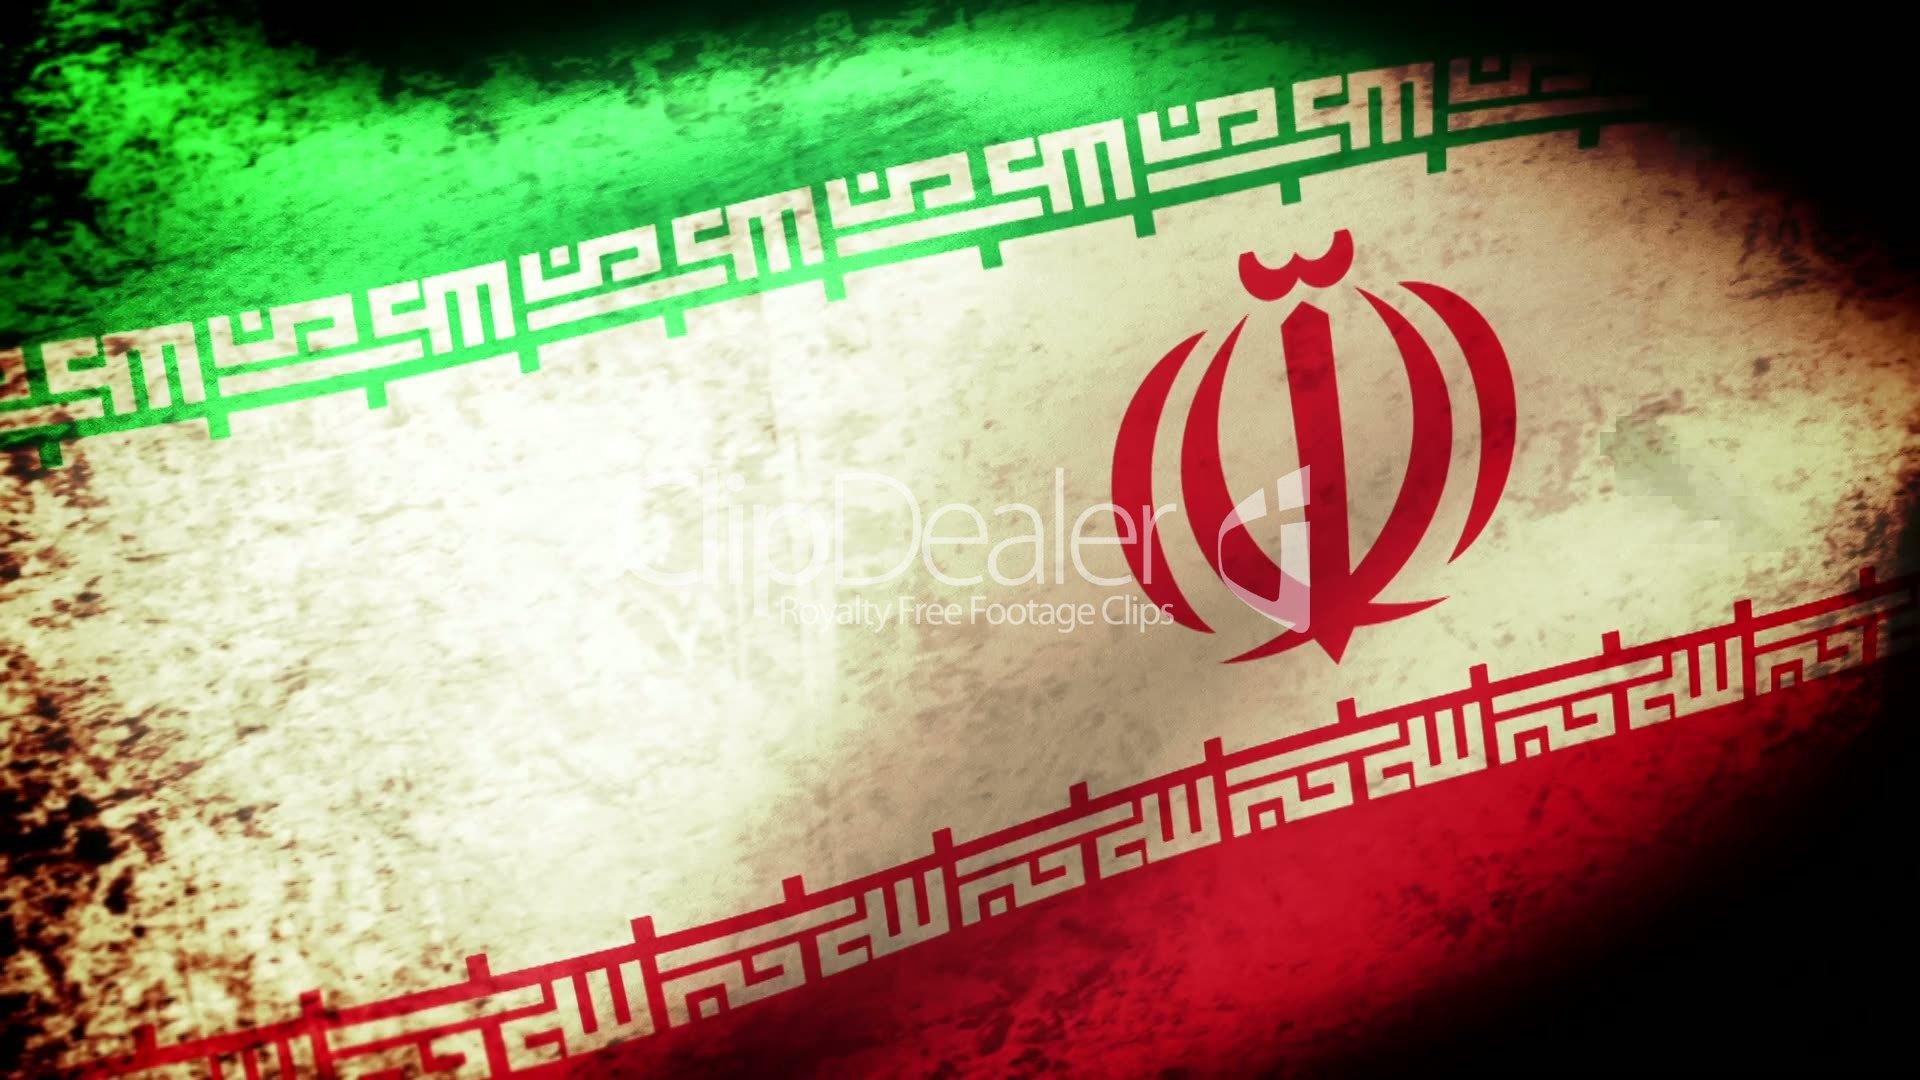 آلمان ایران را به تلاش برای خرید غیرقانونی تجهیزات هستهای متهم کرد